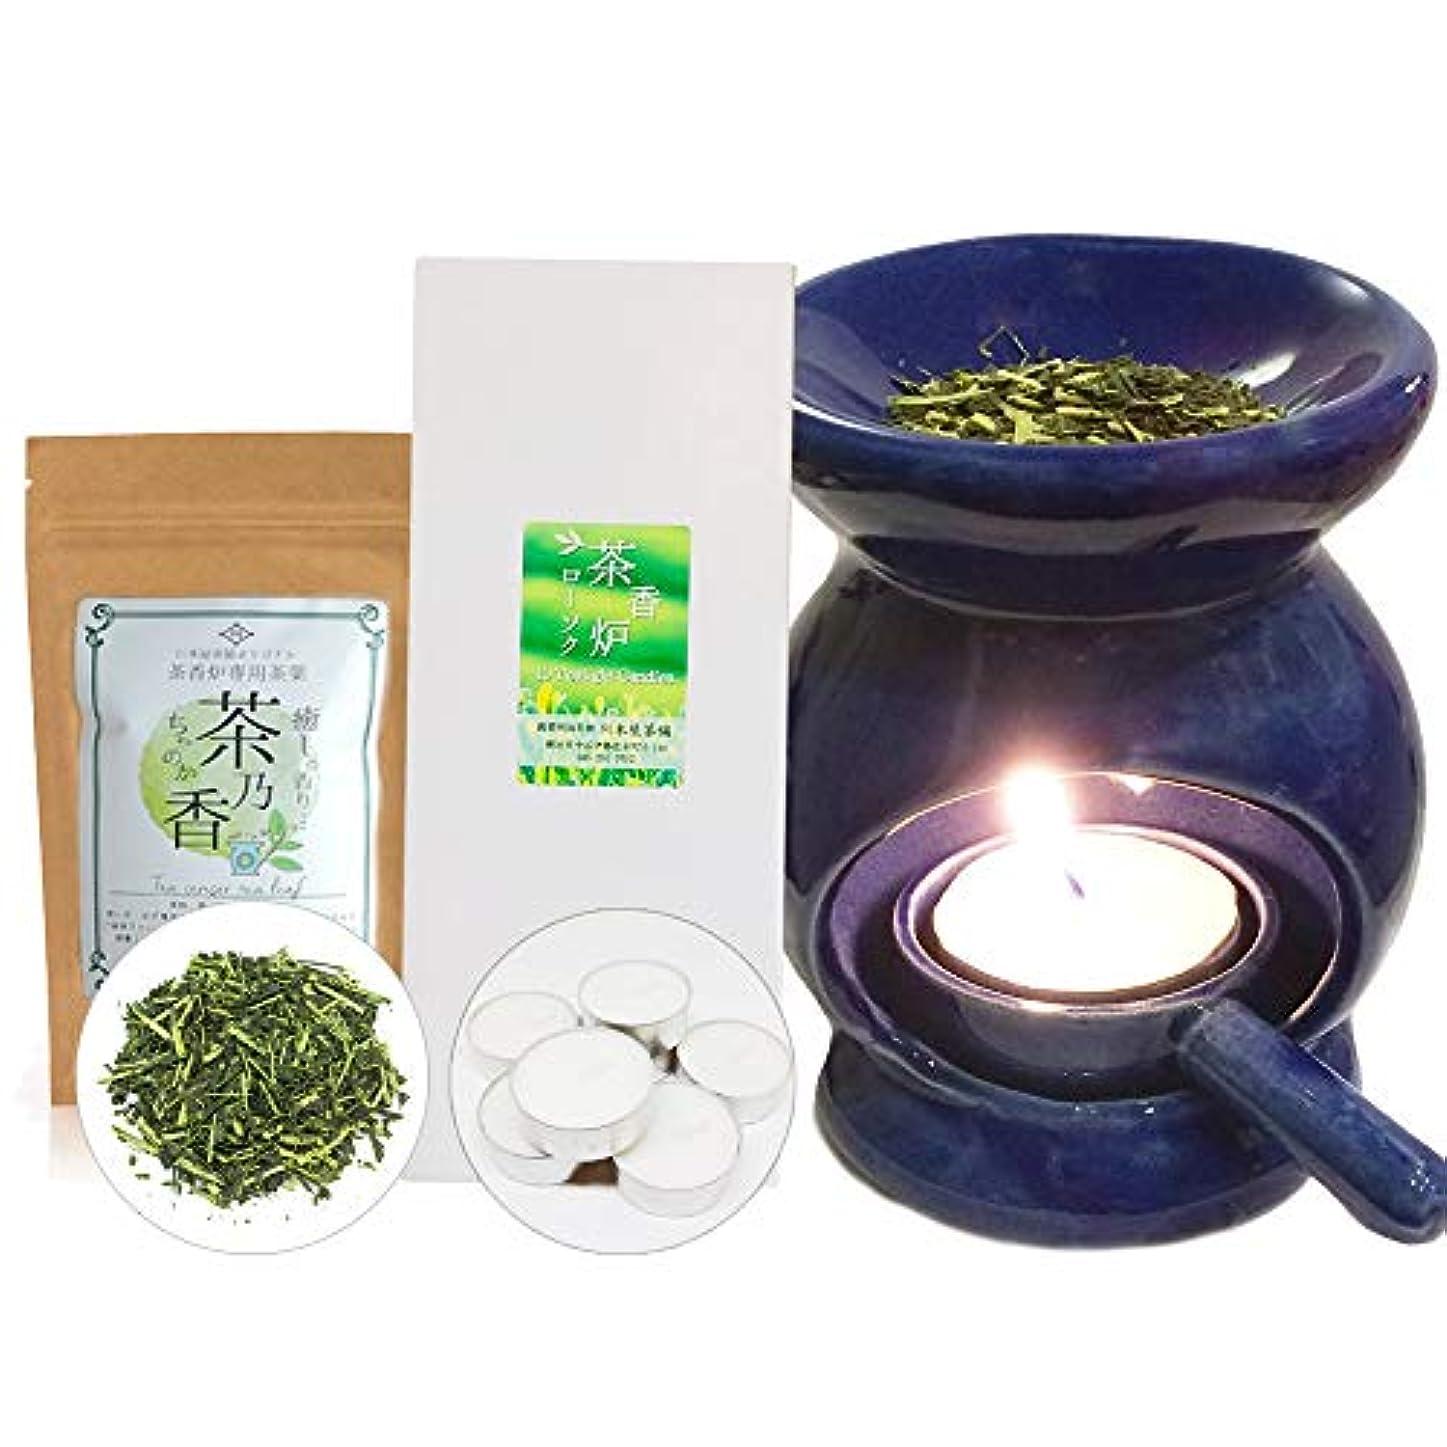 判読できない農業の保証する川本屋茶舗 はじめての茶香炉セット (茶香炉専用茶葉?ローソク付) 届いてすぐ始められる?